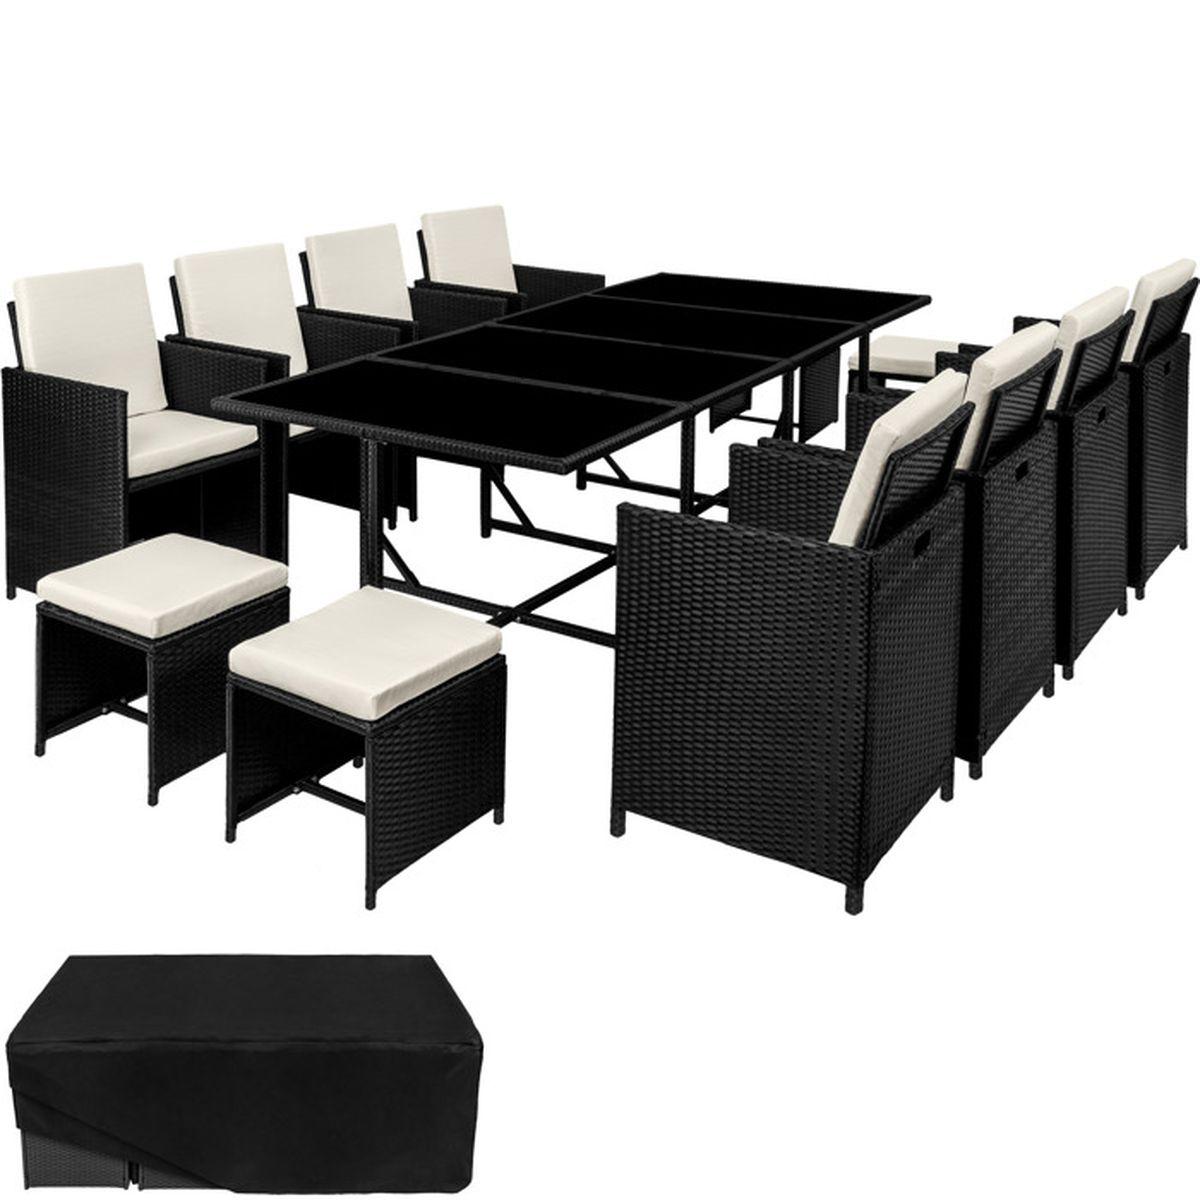 Salon de jardin palma ensemble avec 8 chaises 4 tabourets et 1 table en r sine tress e et acier for Housse de table de jardin en resine